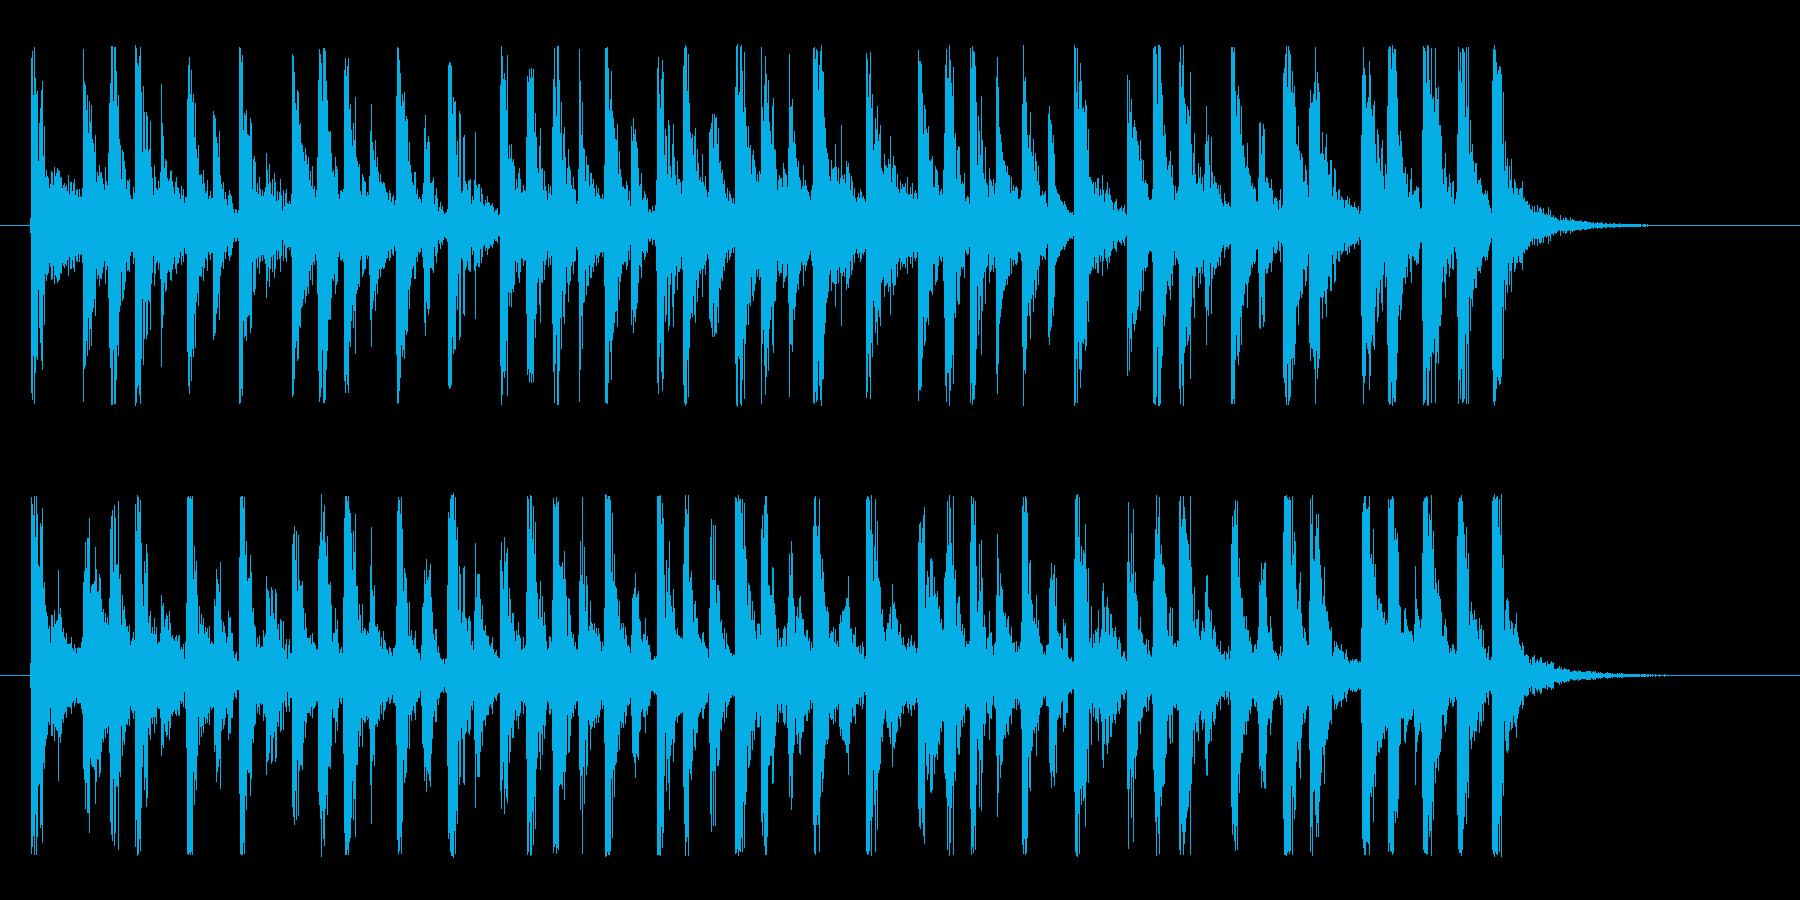 陽気なサンバ!ラテンパーカッションロゴ!の再生済みの波形